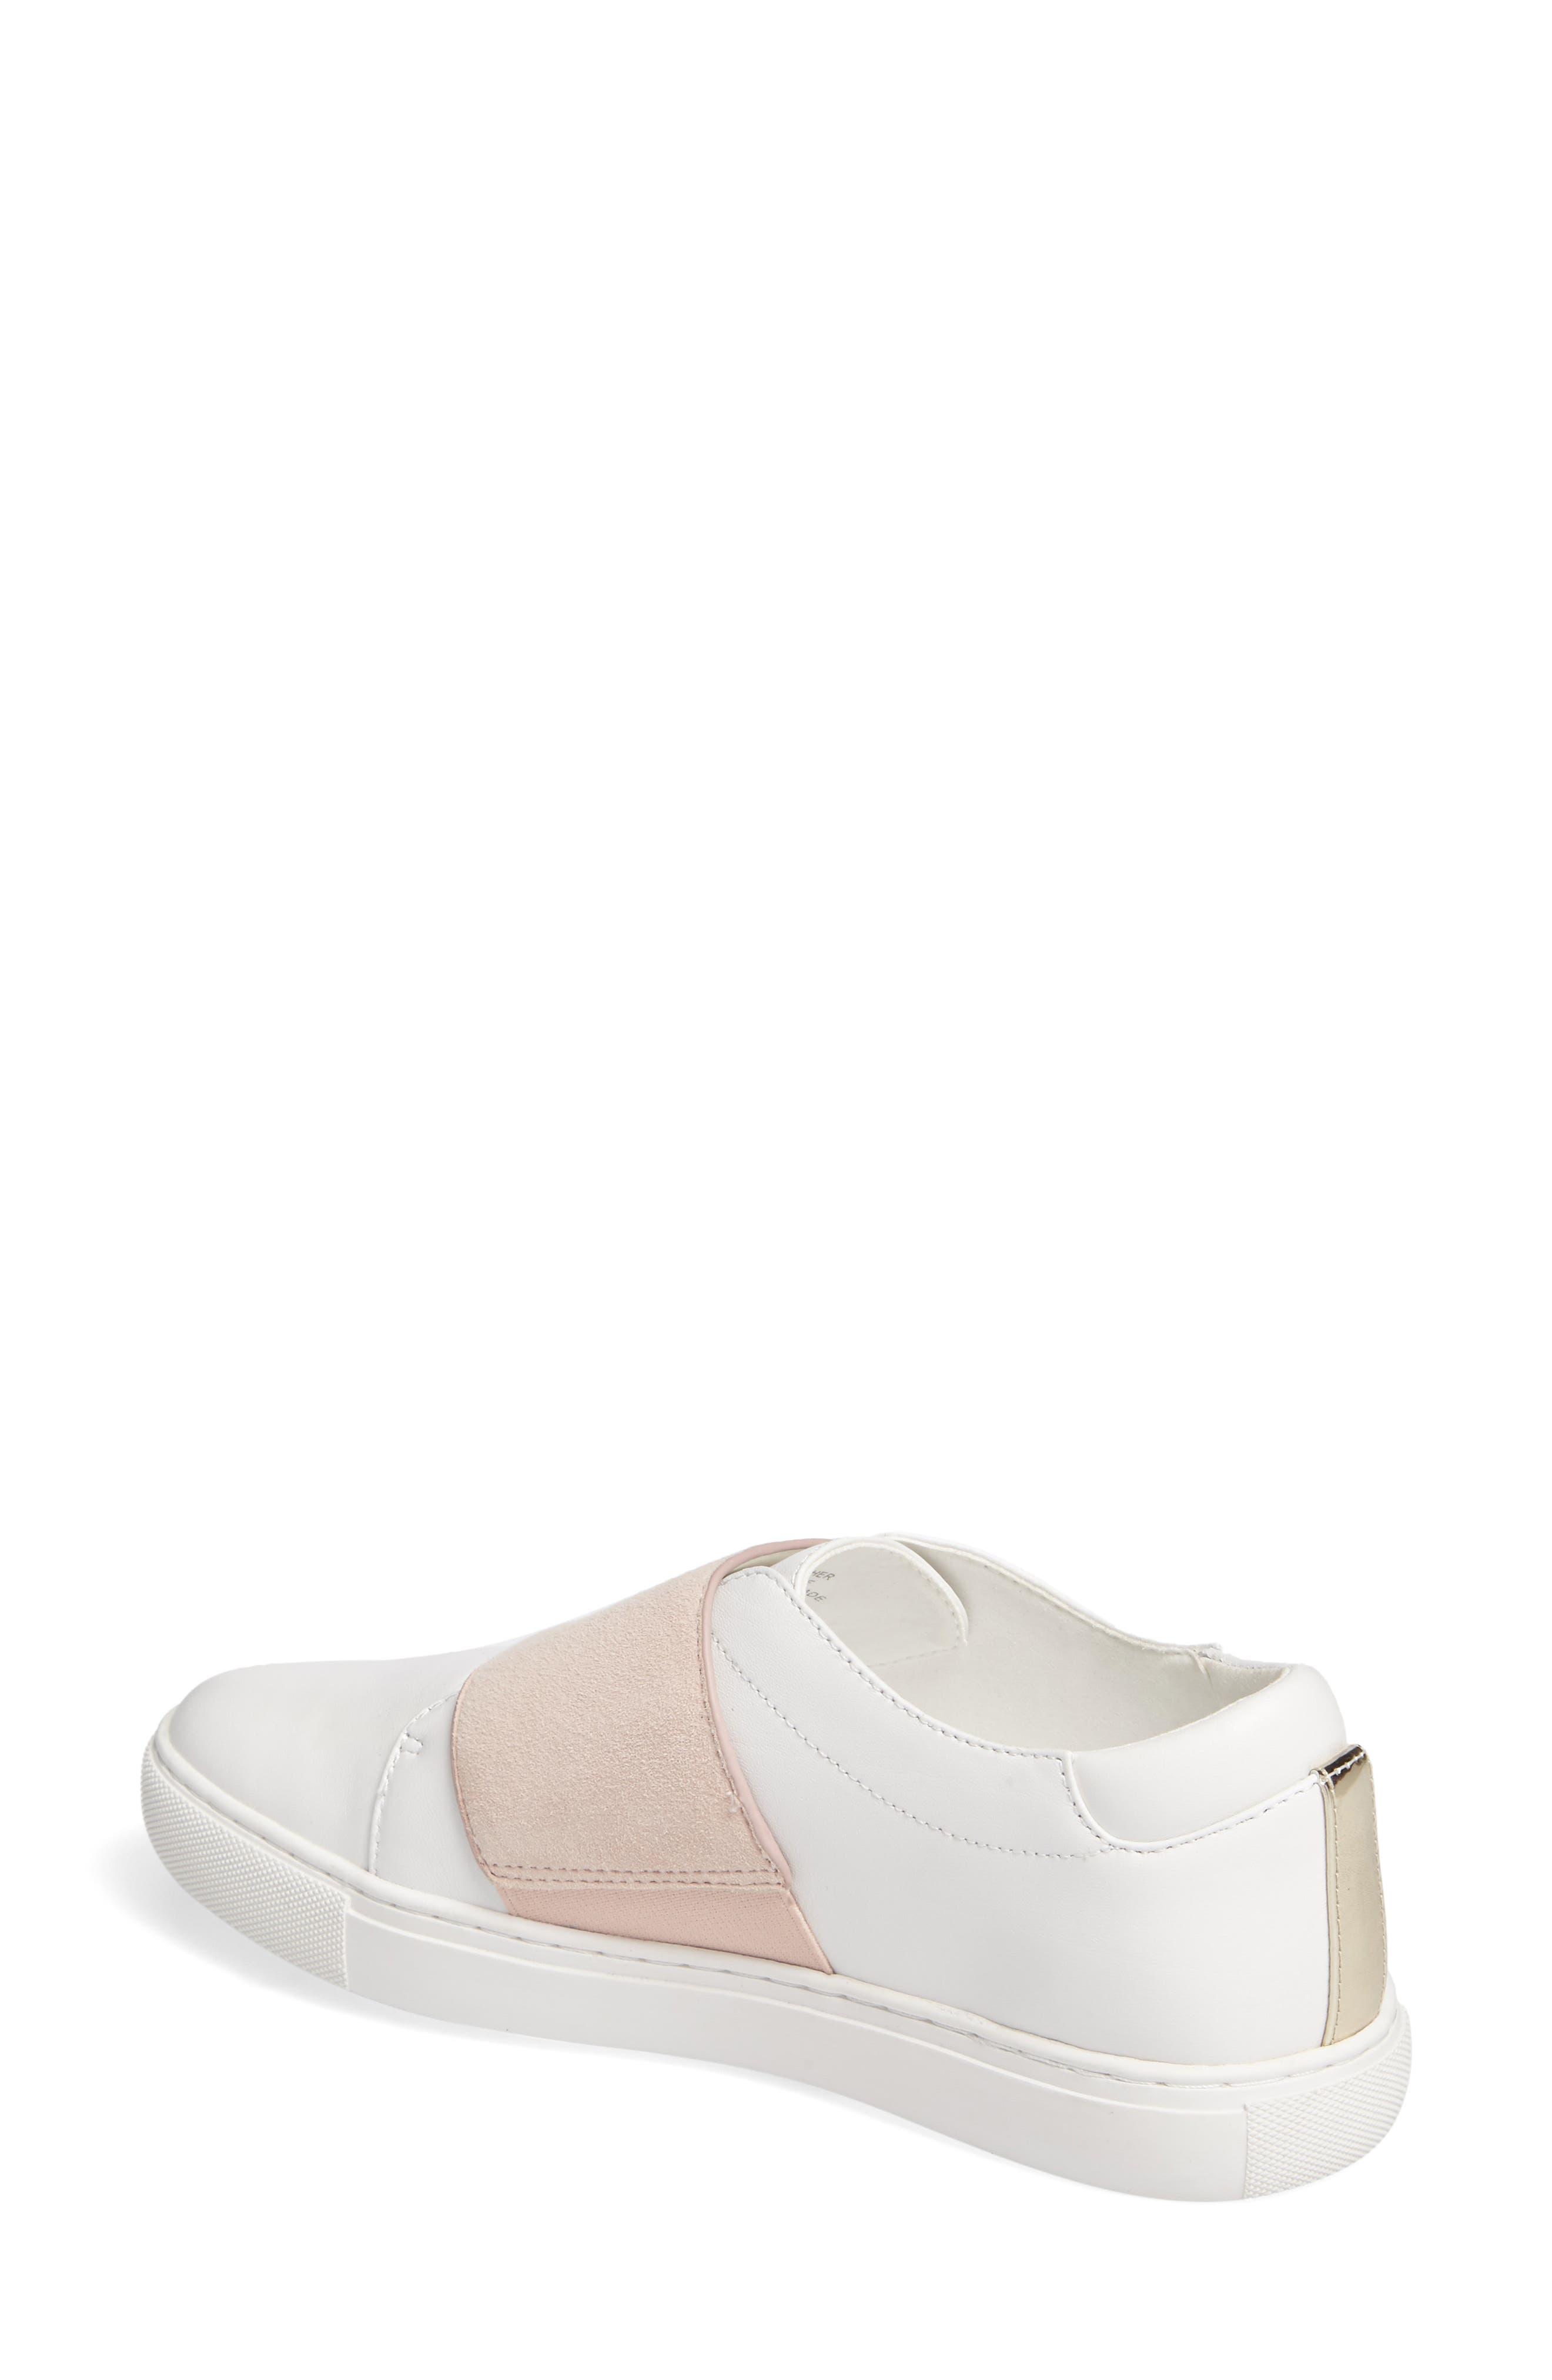 Konner Slip-On Sneaker,                             Alternate thumbnail 2, color,                             115